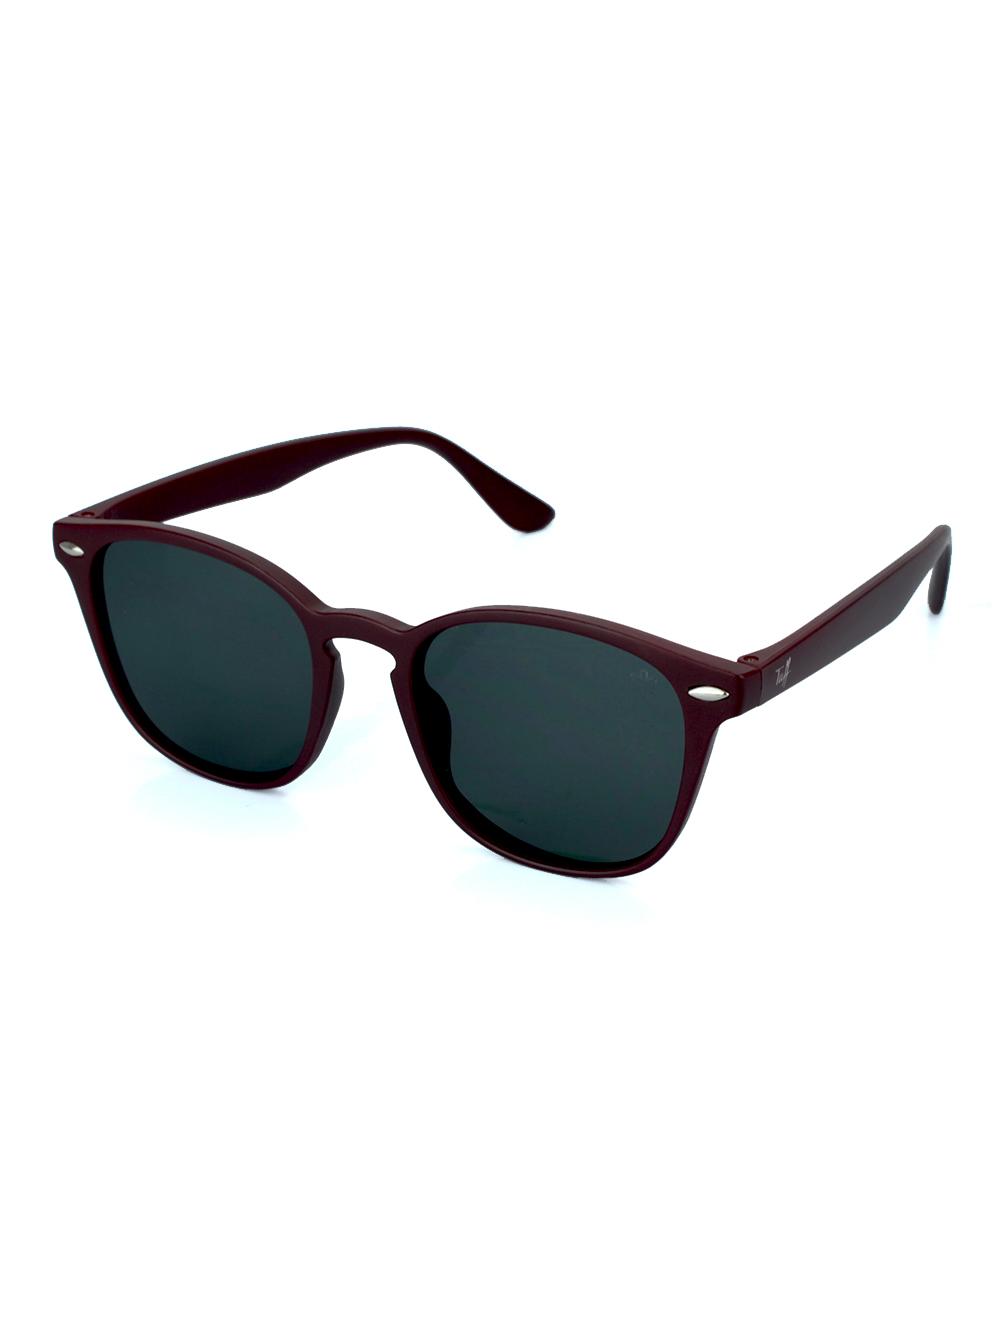 Sunglasses Quadrado Vinho com Lente Preta